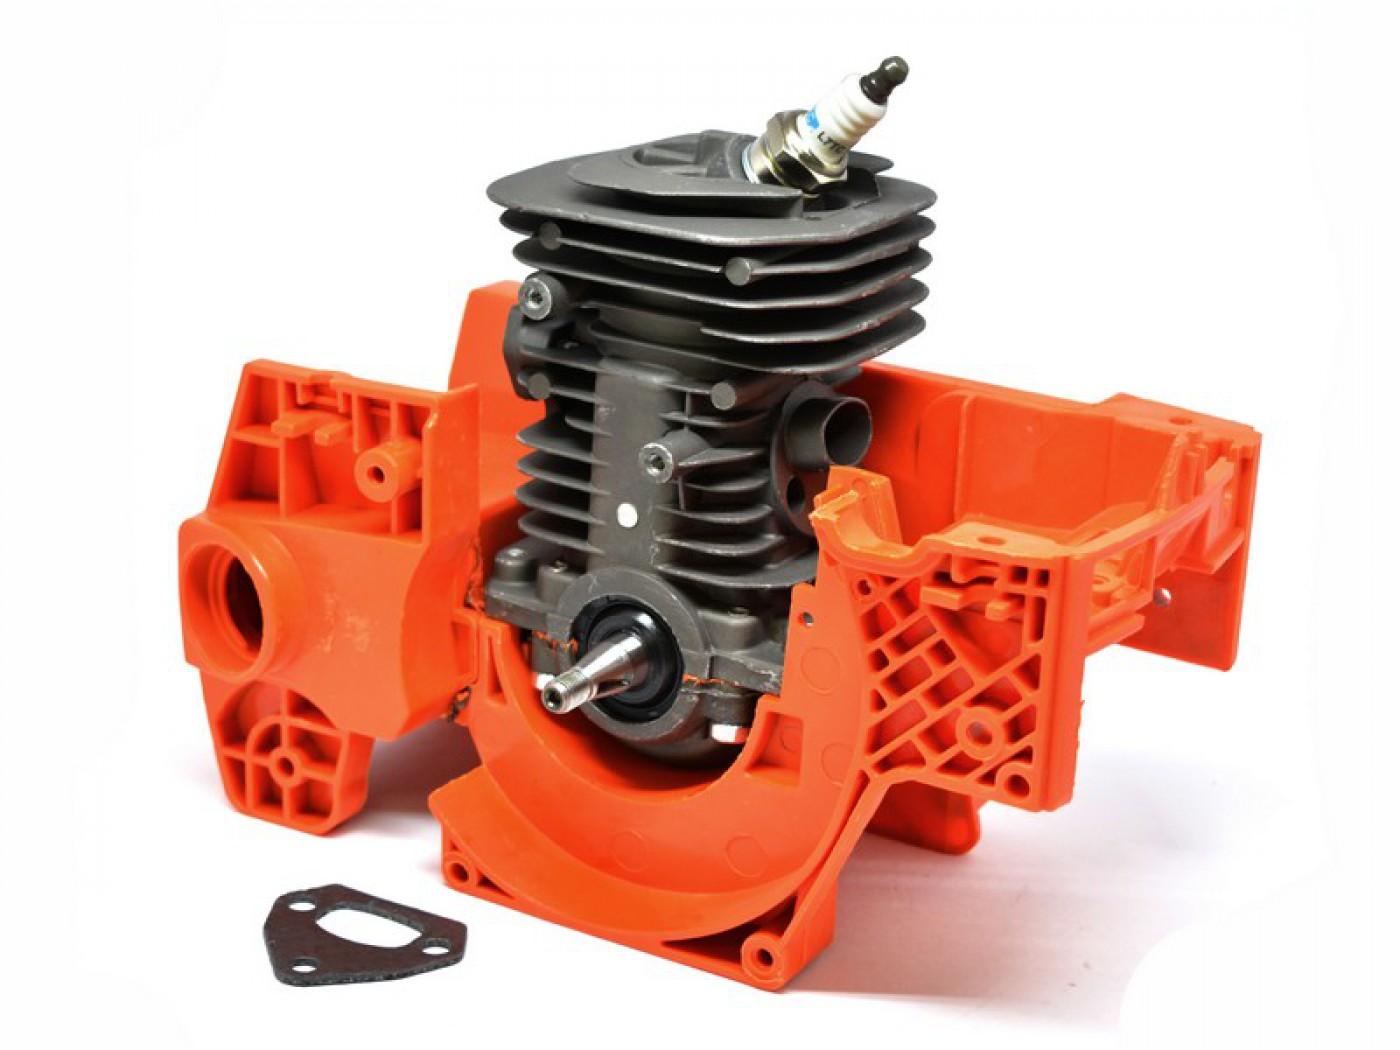 Motor Husqvarna 137 142 - UŠETŘÍTE 655 Kč + kliková skříň